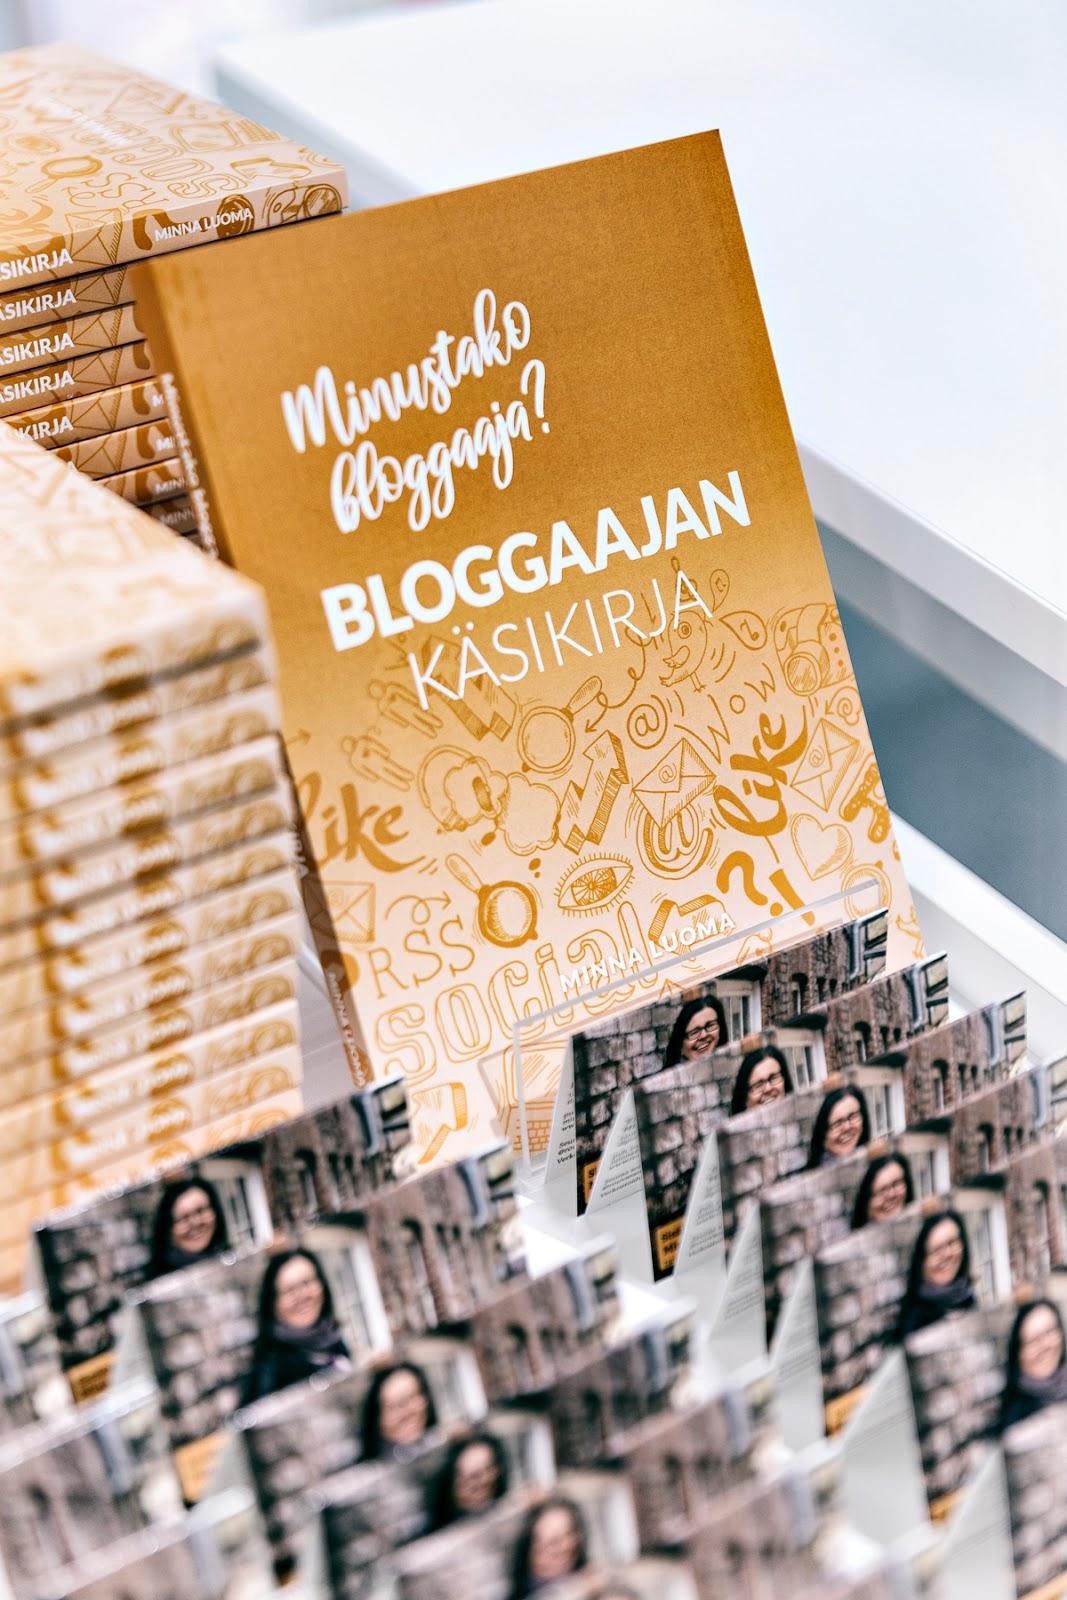 Bloggaajan käsikirja, bloggaaminen, blogi, miten blogataan, tavoitteellinen bloggaaminen, valokuvaaja, Frida Steiner, Visualaddict, visualaddictfrida, kirja, blogi_kirja, ohjeet bloggaajalle, tietokirja, tietoa_bloggaajalle, Rouva Sana, Minna Luoma, Suomalainen Kirjakauppa